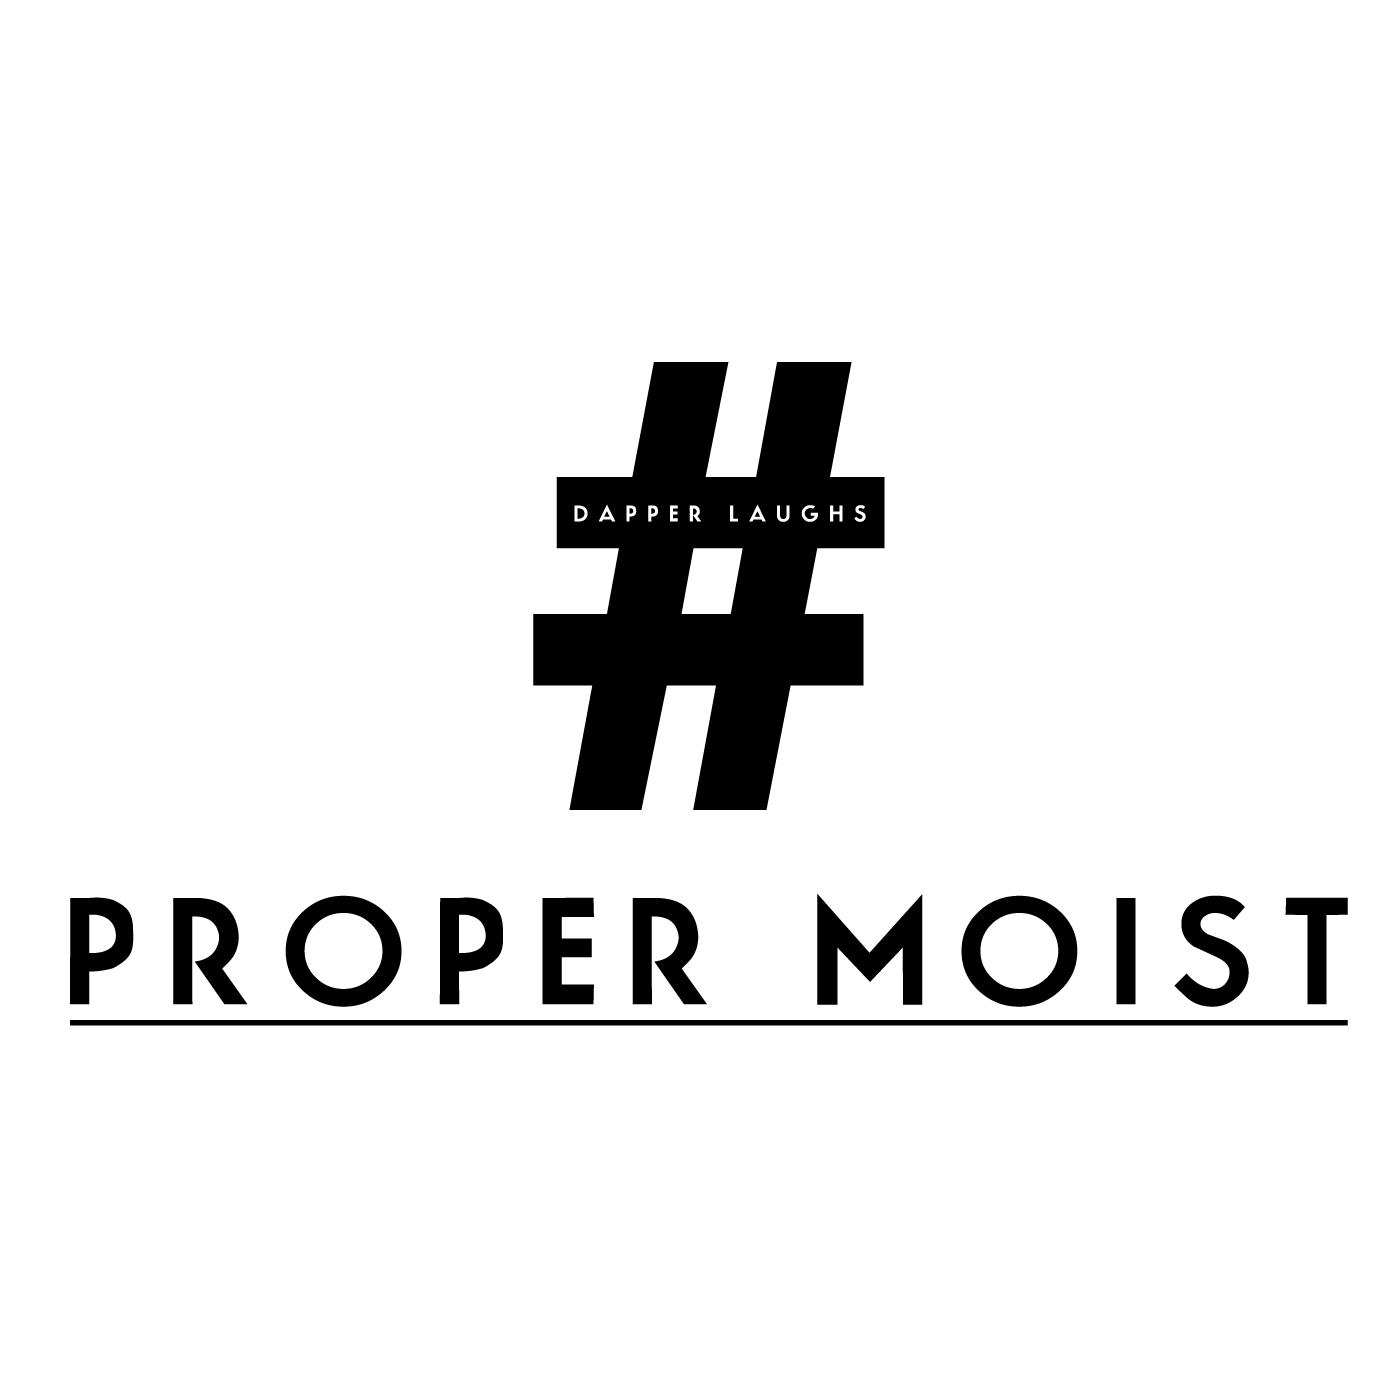 Dapper Laughs - 'Proper Moist'